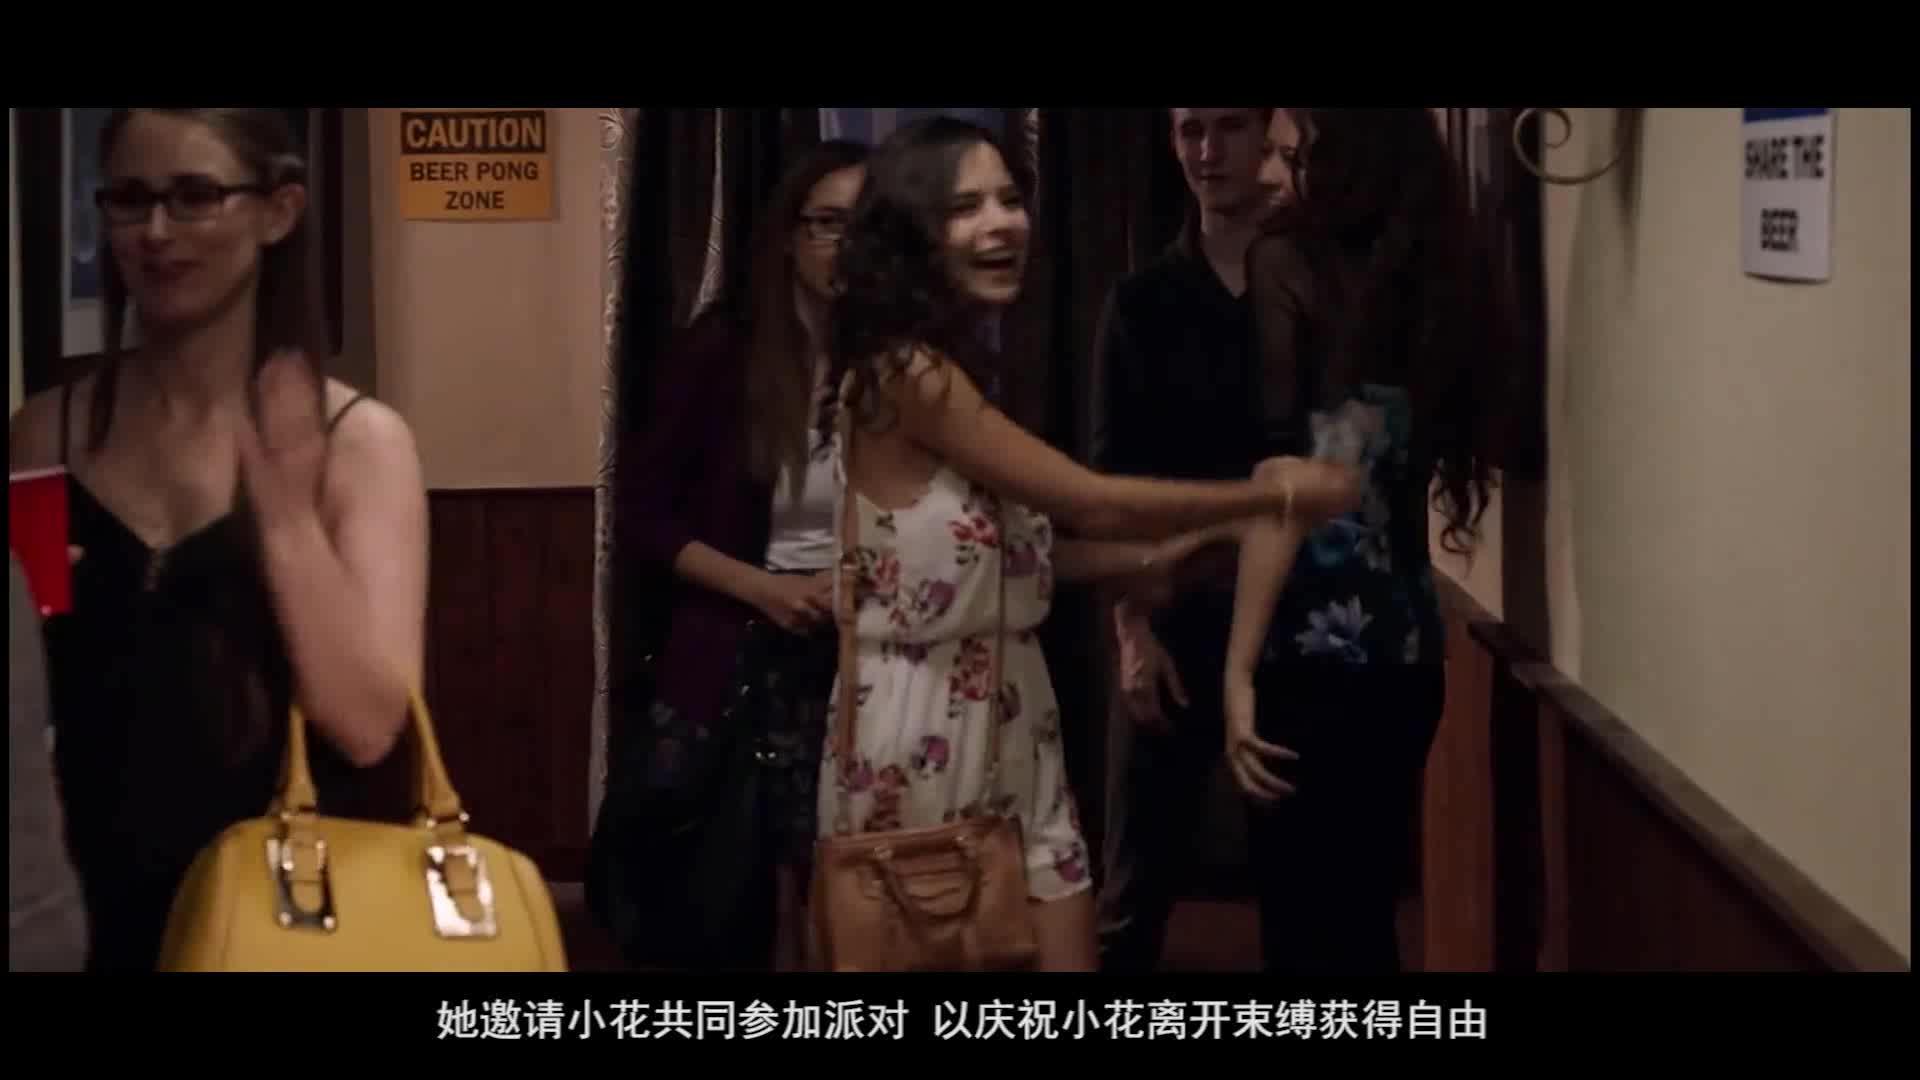 #经典看电影#女大学生为学费误入歧途,遭陌生男子热吻,事后她却越陷越深!